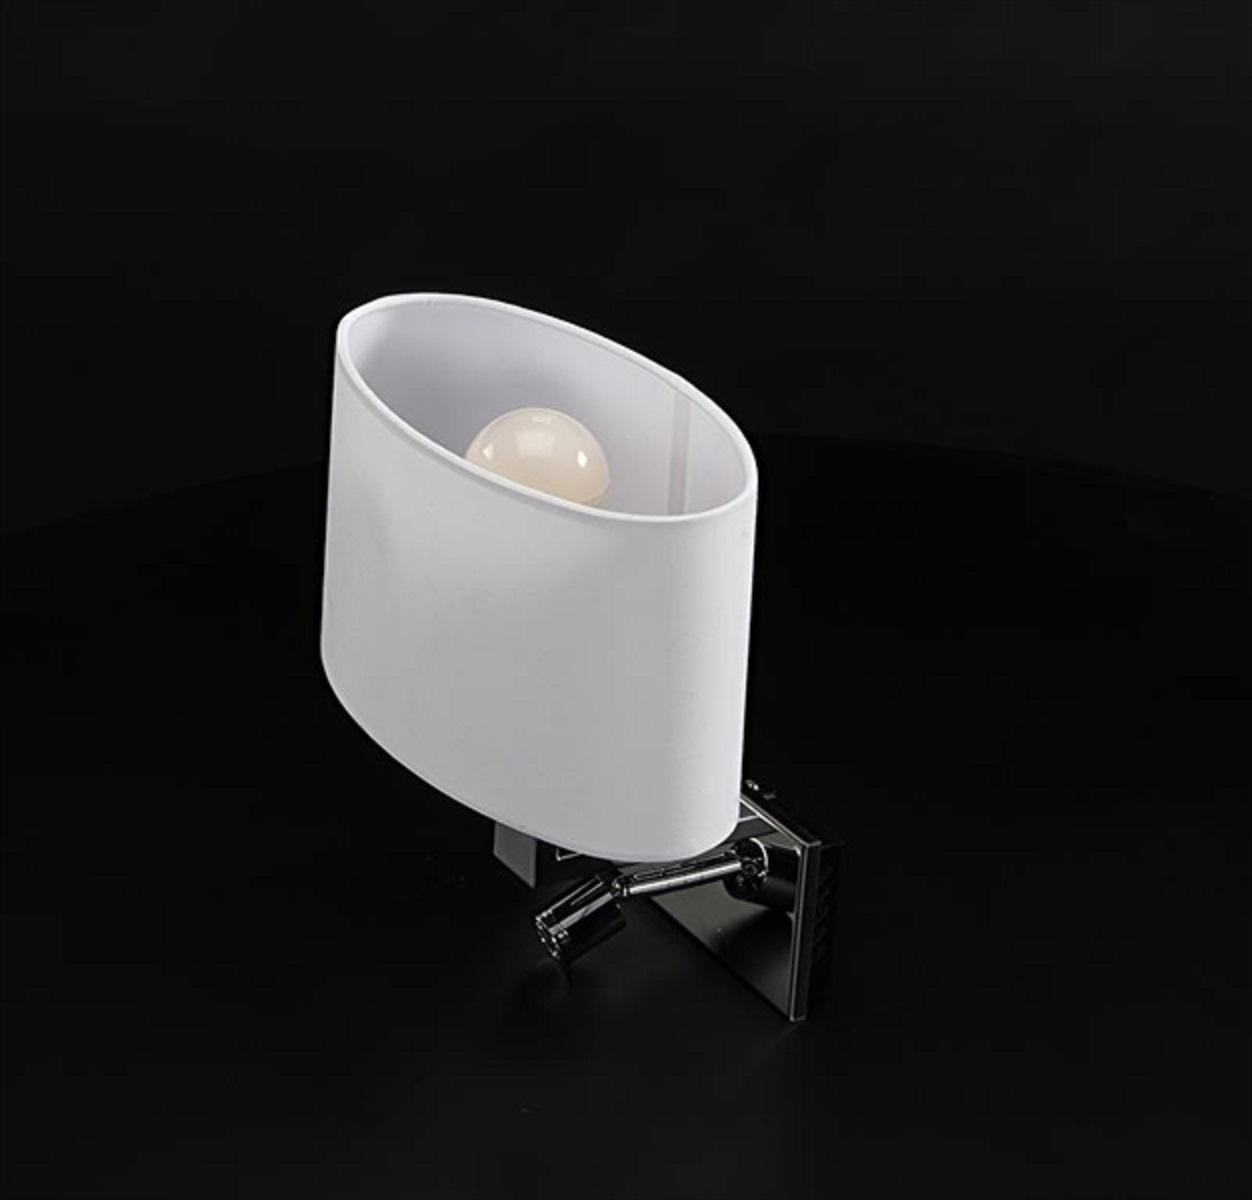 roberta - lampada led da lettura - planetitaly - lampada con luce ... - Applique Per Camera Da Letto